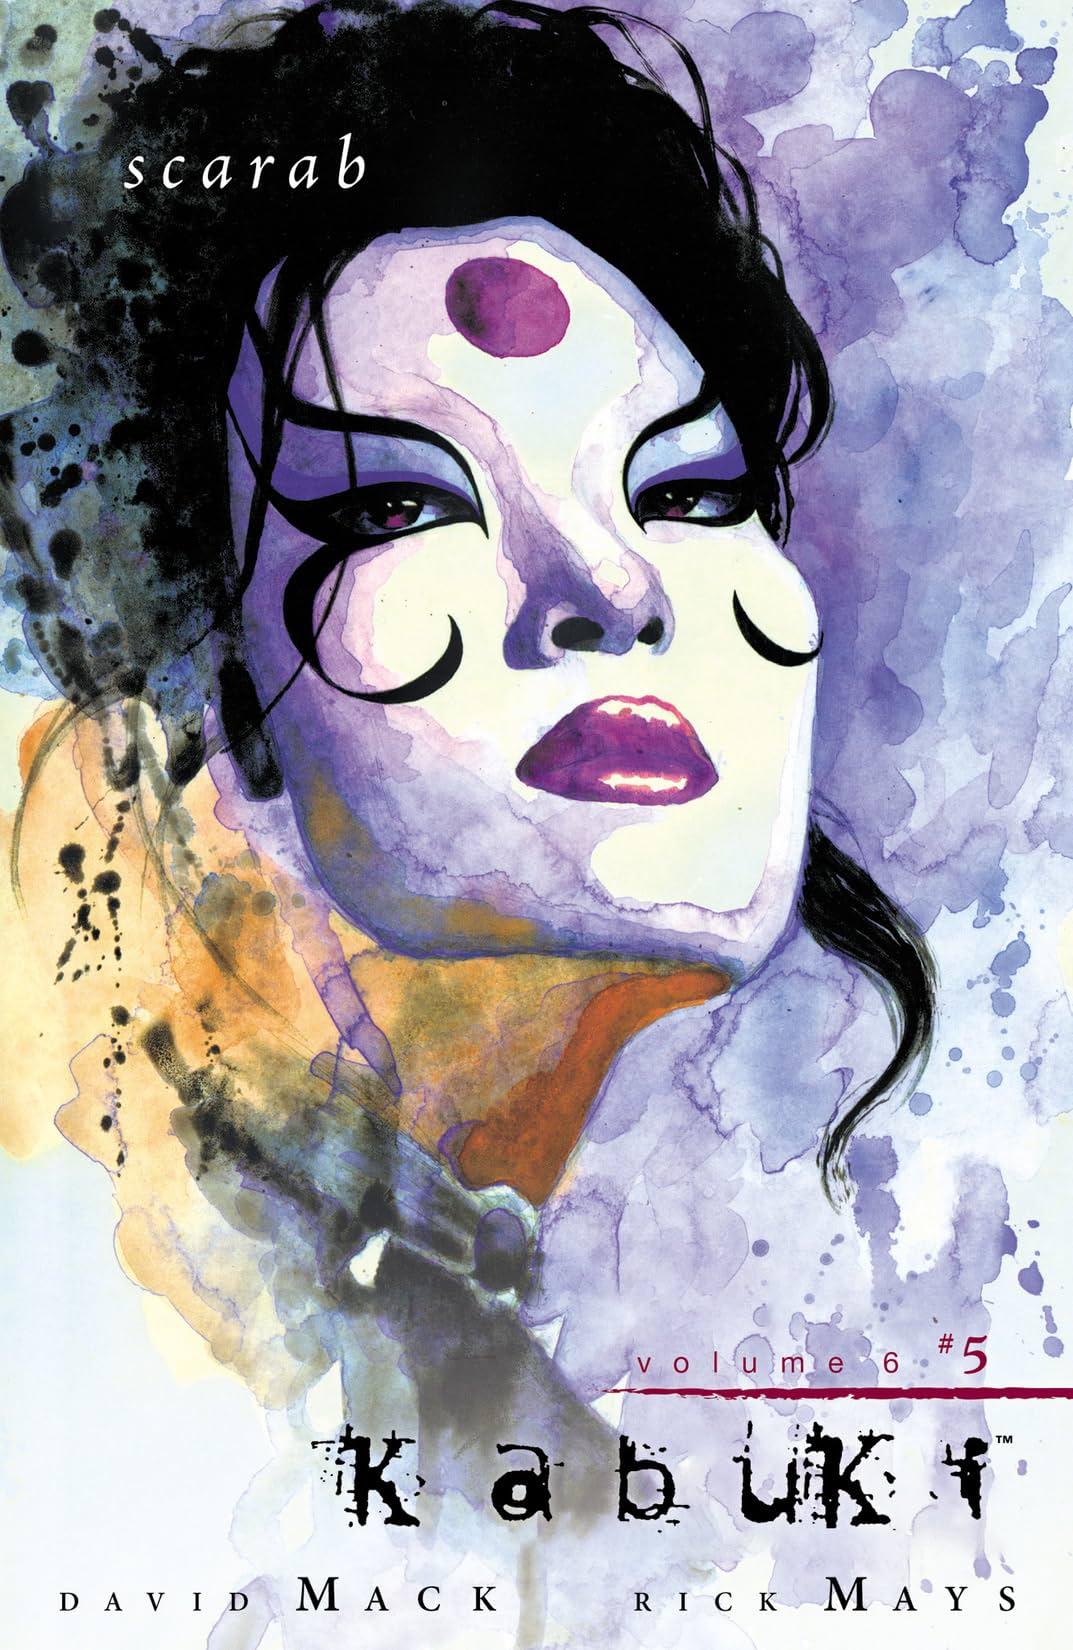 Kabuki vol. 6 #5